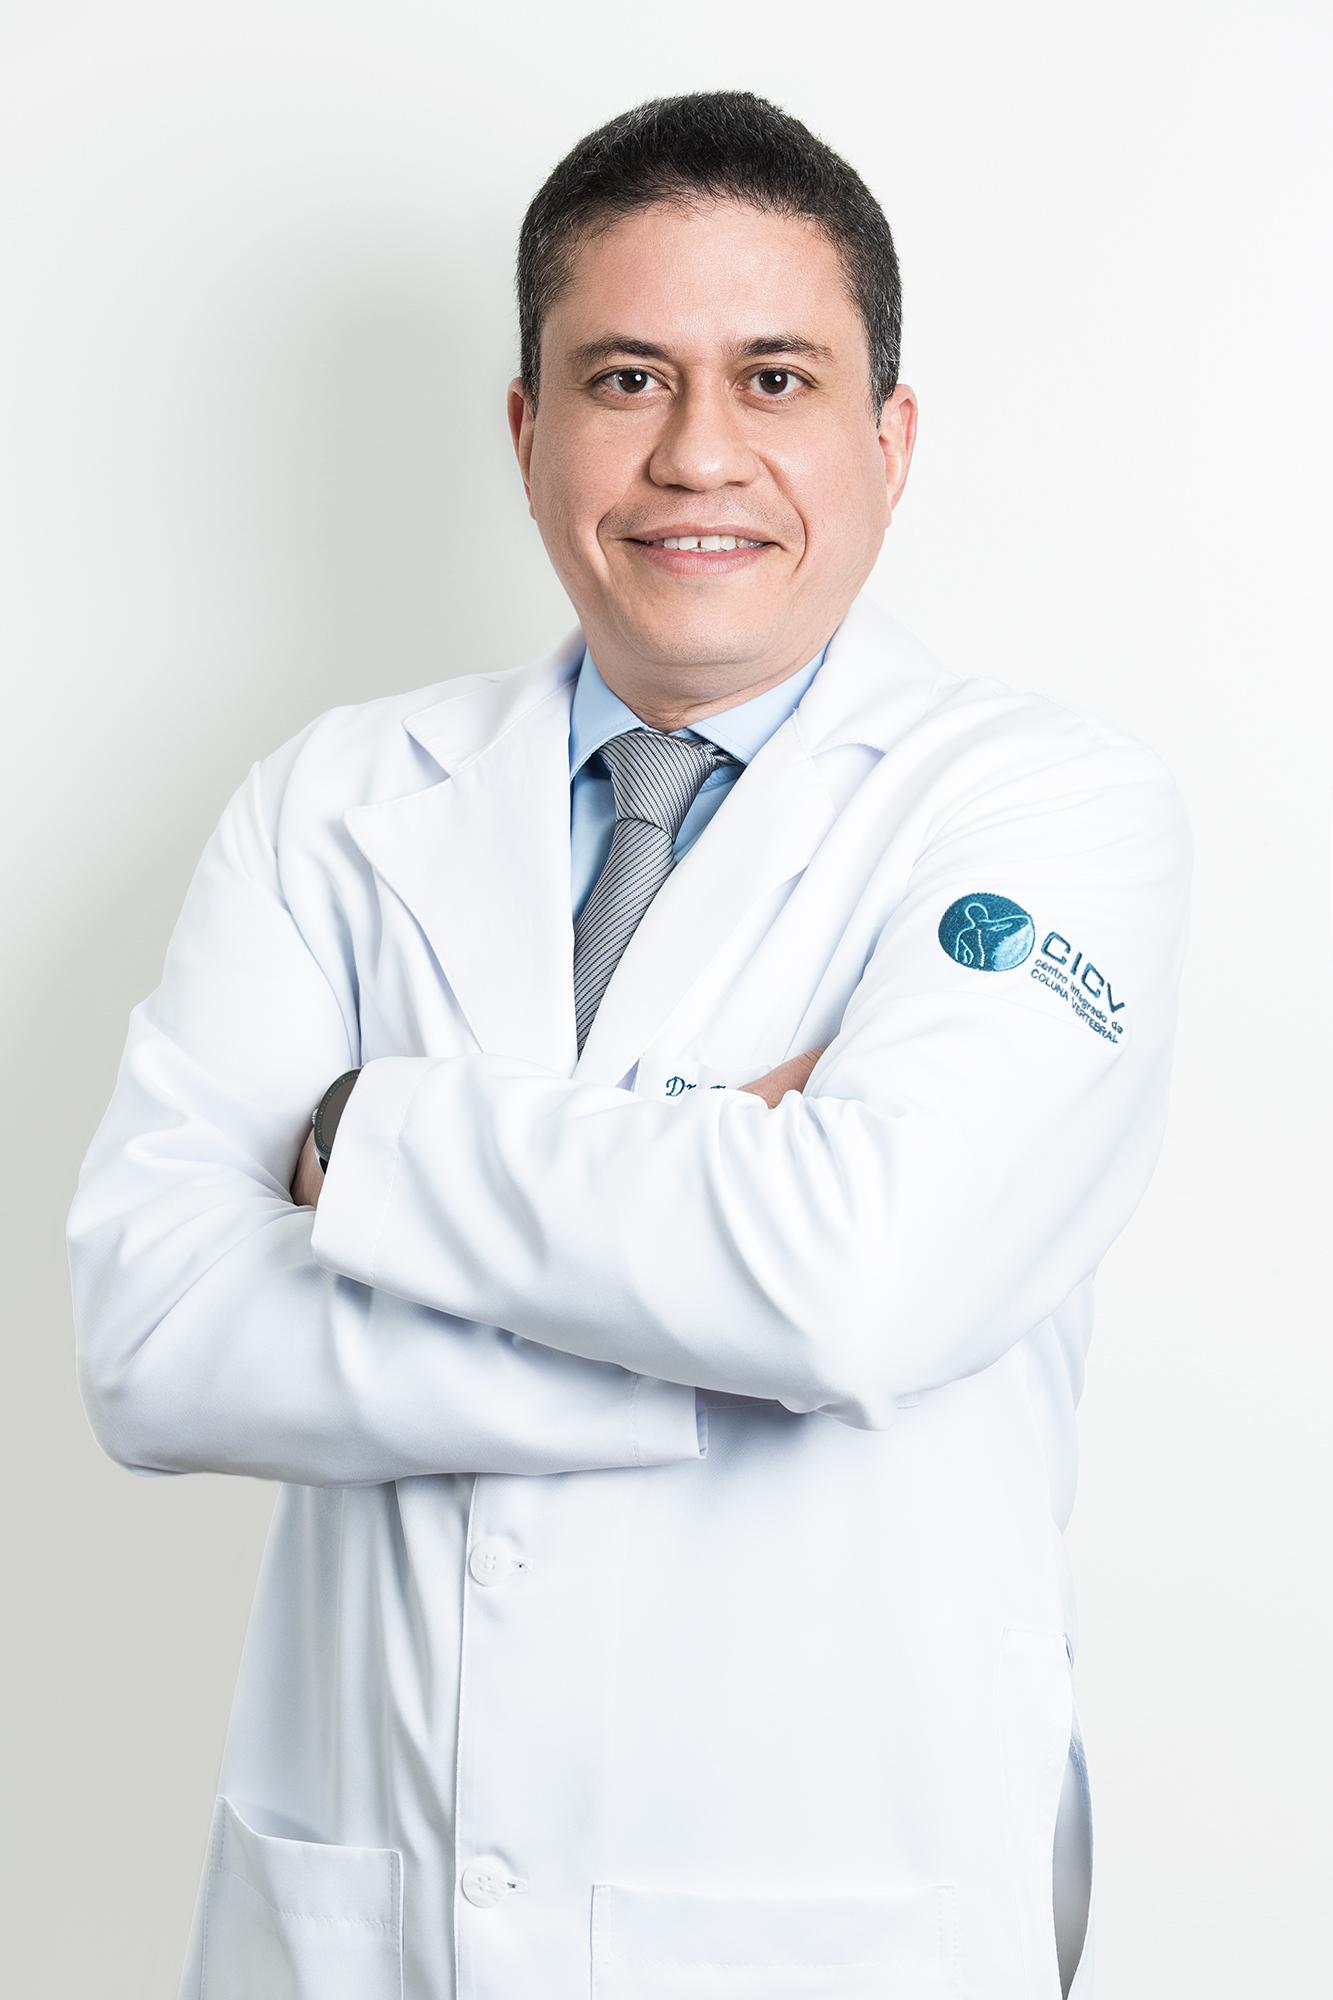 Francisco Carlos de A. Gomes